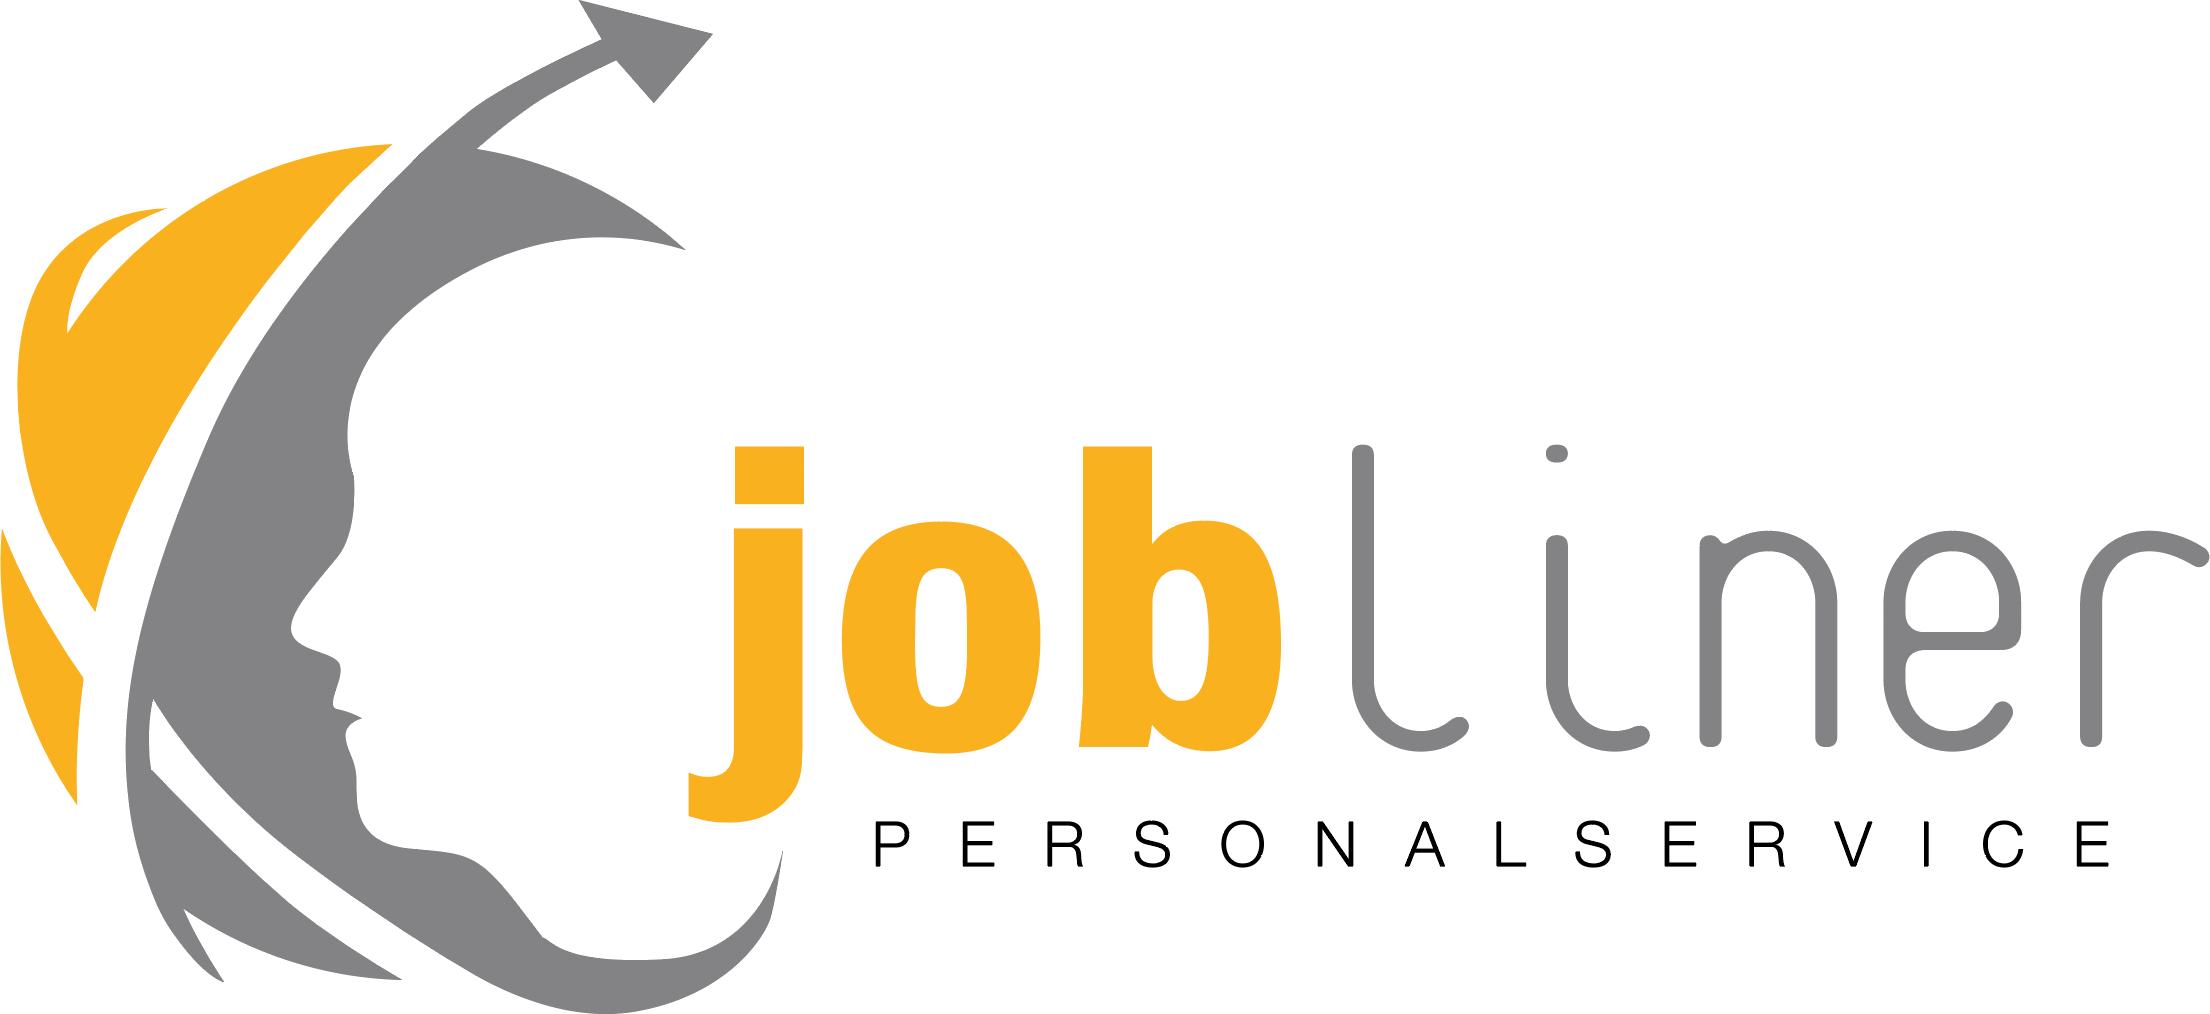 Personalservice Jobliner GmbH aus Steyregg in OÖ | Jobliner GmbH aus Steyregg ist ein Personaldienstleistungsunternehmen im Raum Oberösterreich mit Schwerpunkt in der Bauindustrie und im Bauhilfsgewerbe.